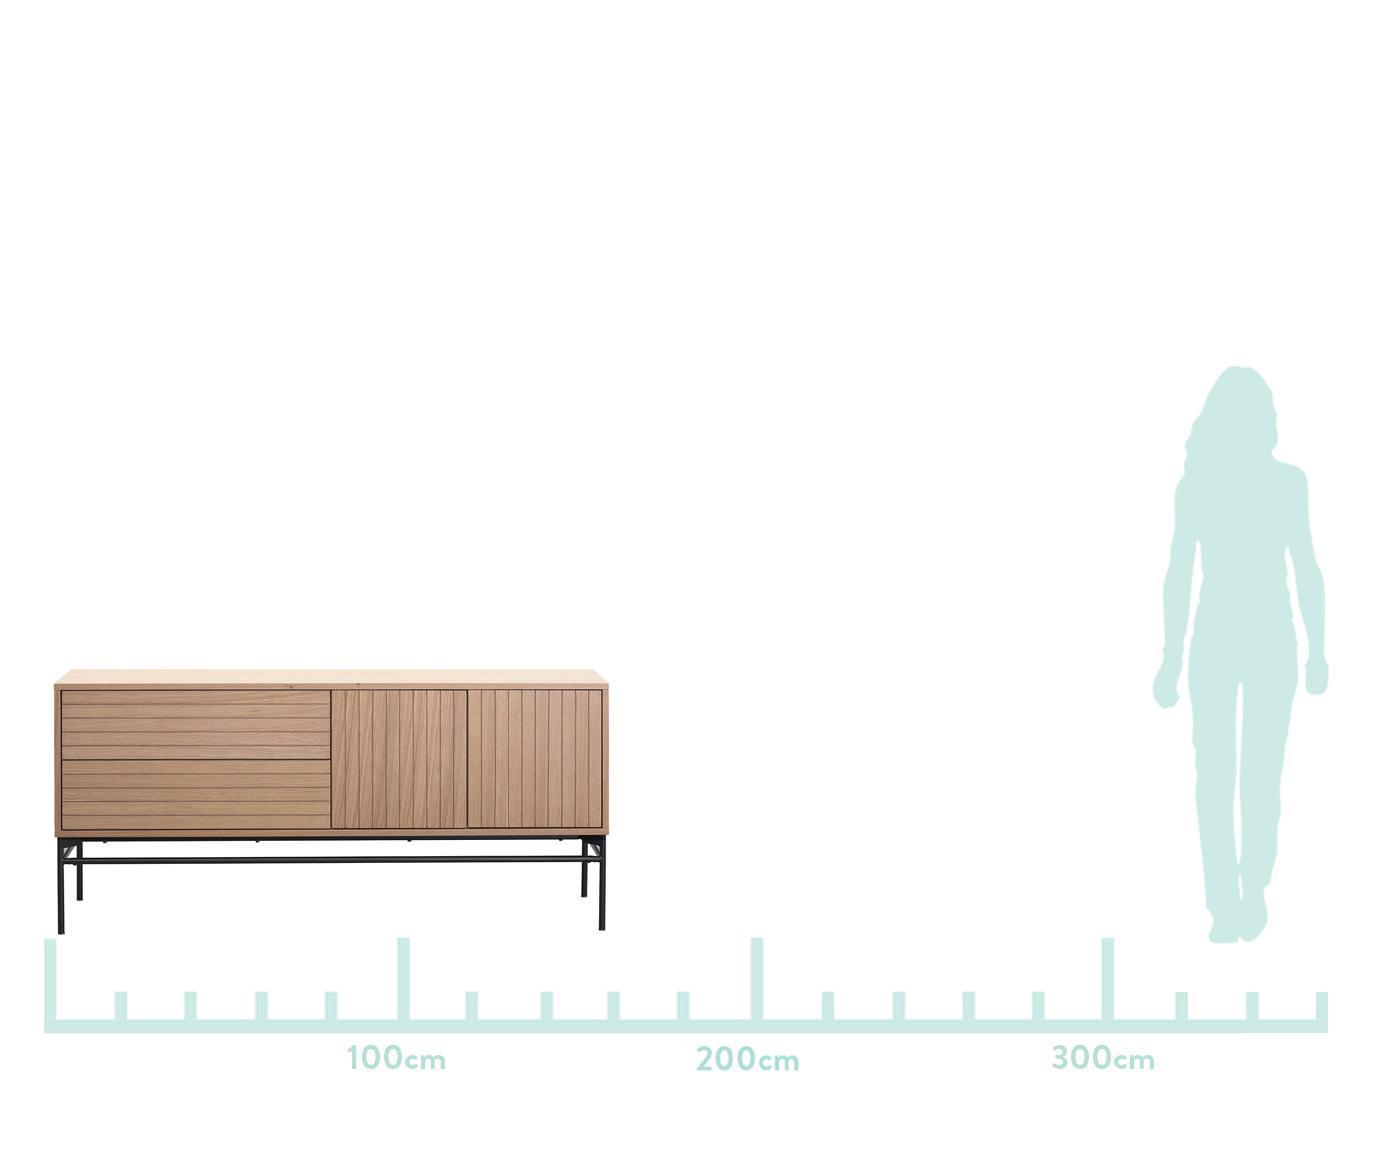 Komoda  modern Johan, Korpus: płyta pilśniowa średniej , Nogi: metal malowany proszkowo, Korpus: fornir z drewna dębowego Nogi: czarny, matowy, S 160 x W 75 cm